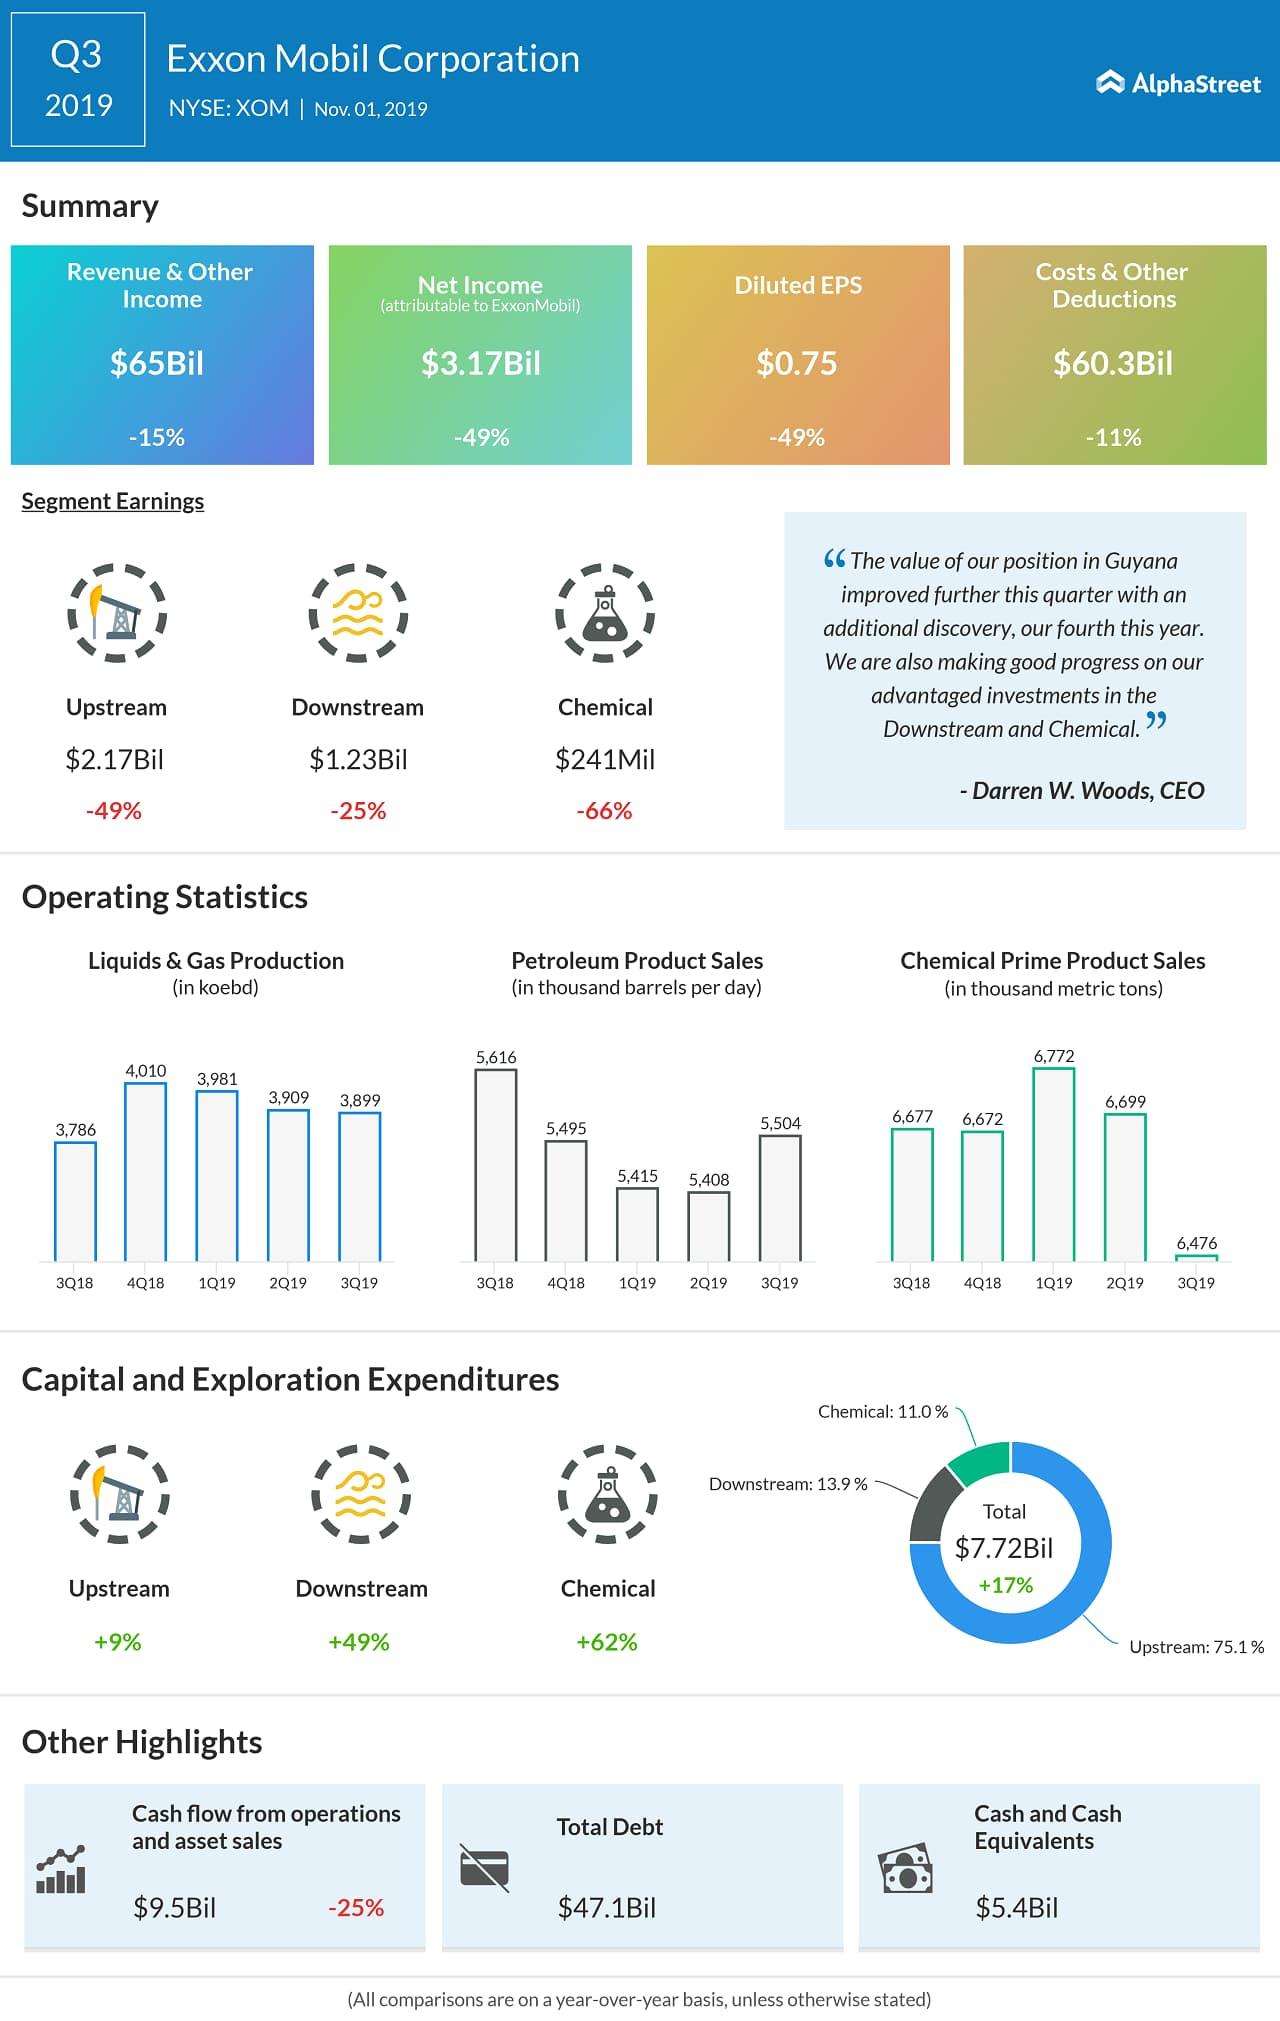 exxonmobil Q3 2019 earnings infographic